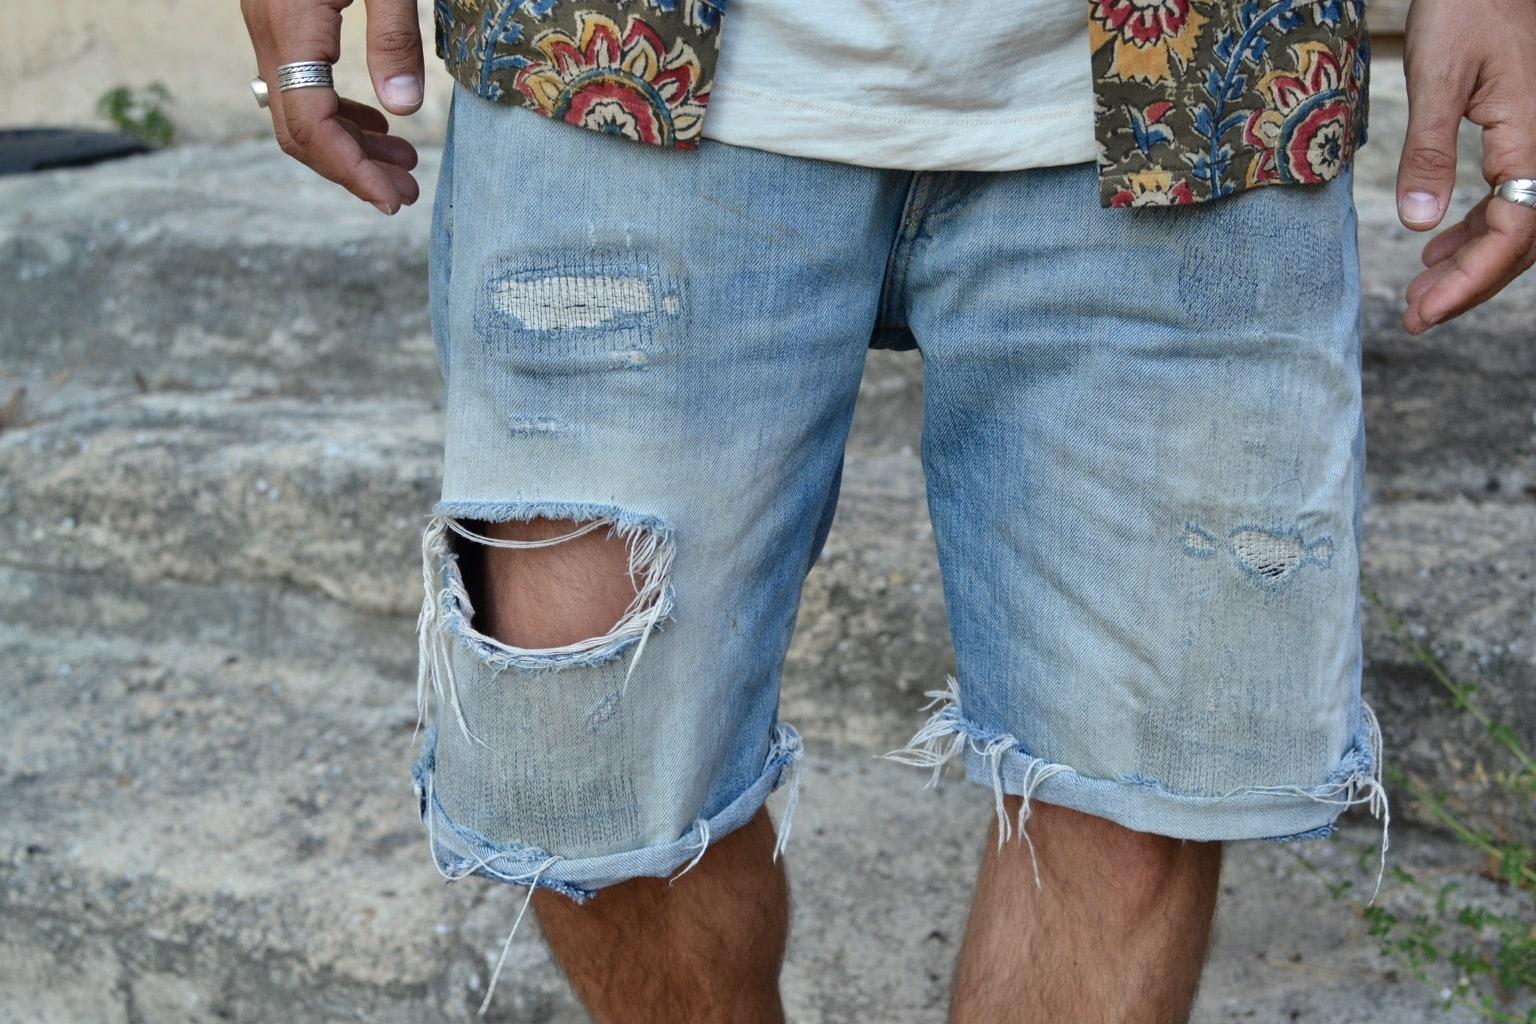 comment porter un short bermuda en jean en été dans un style workwear levi's vintage clothing 501 big E